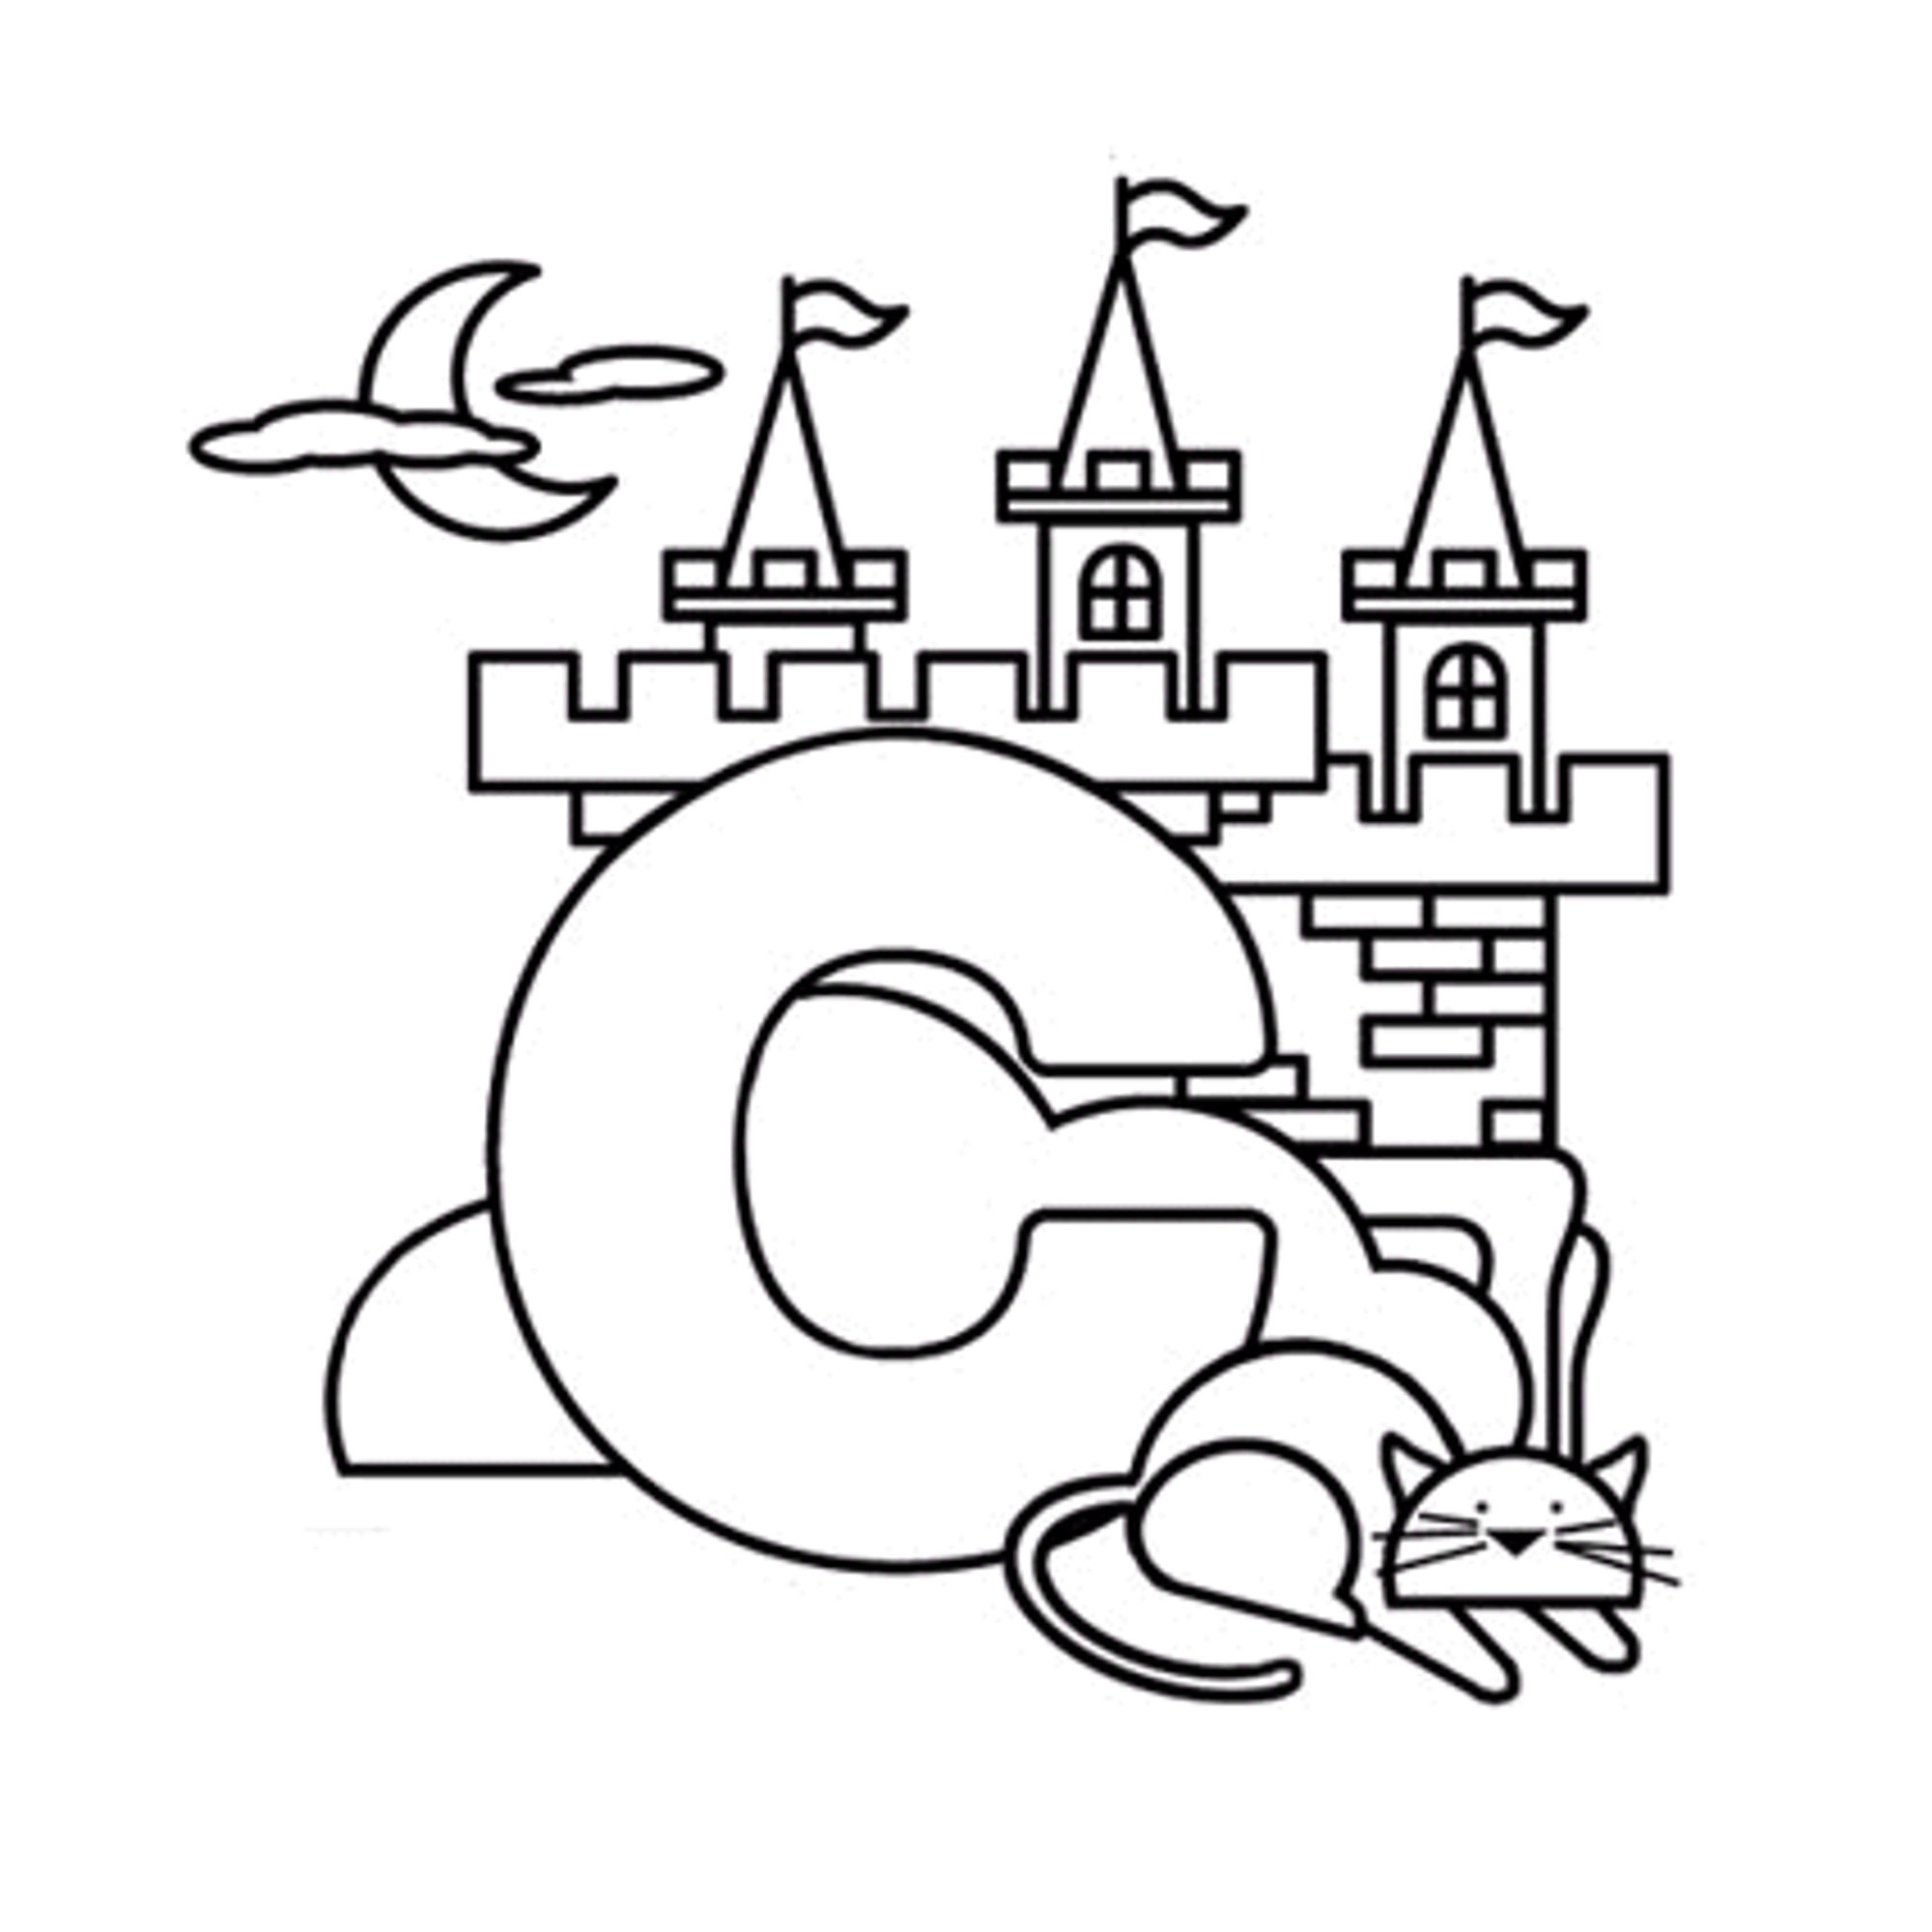 2000x2000 Letter C Coloring Pages Coloringsuite Com